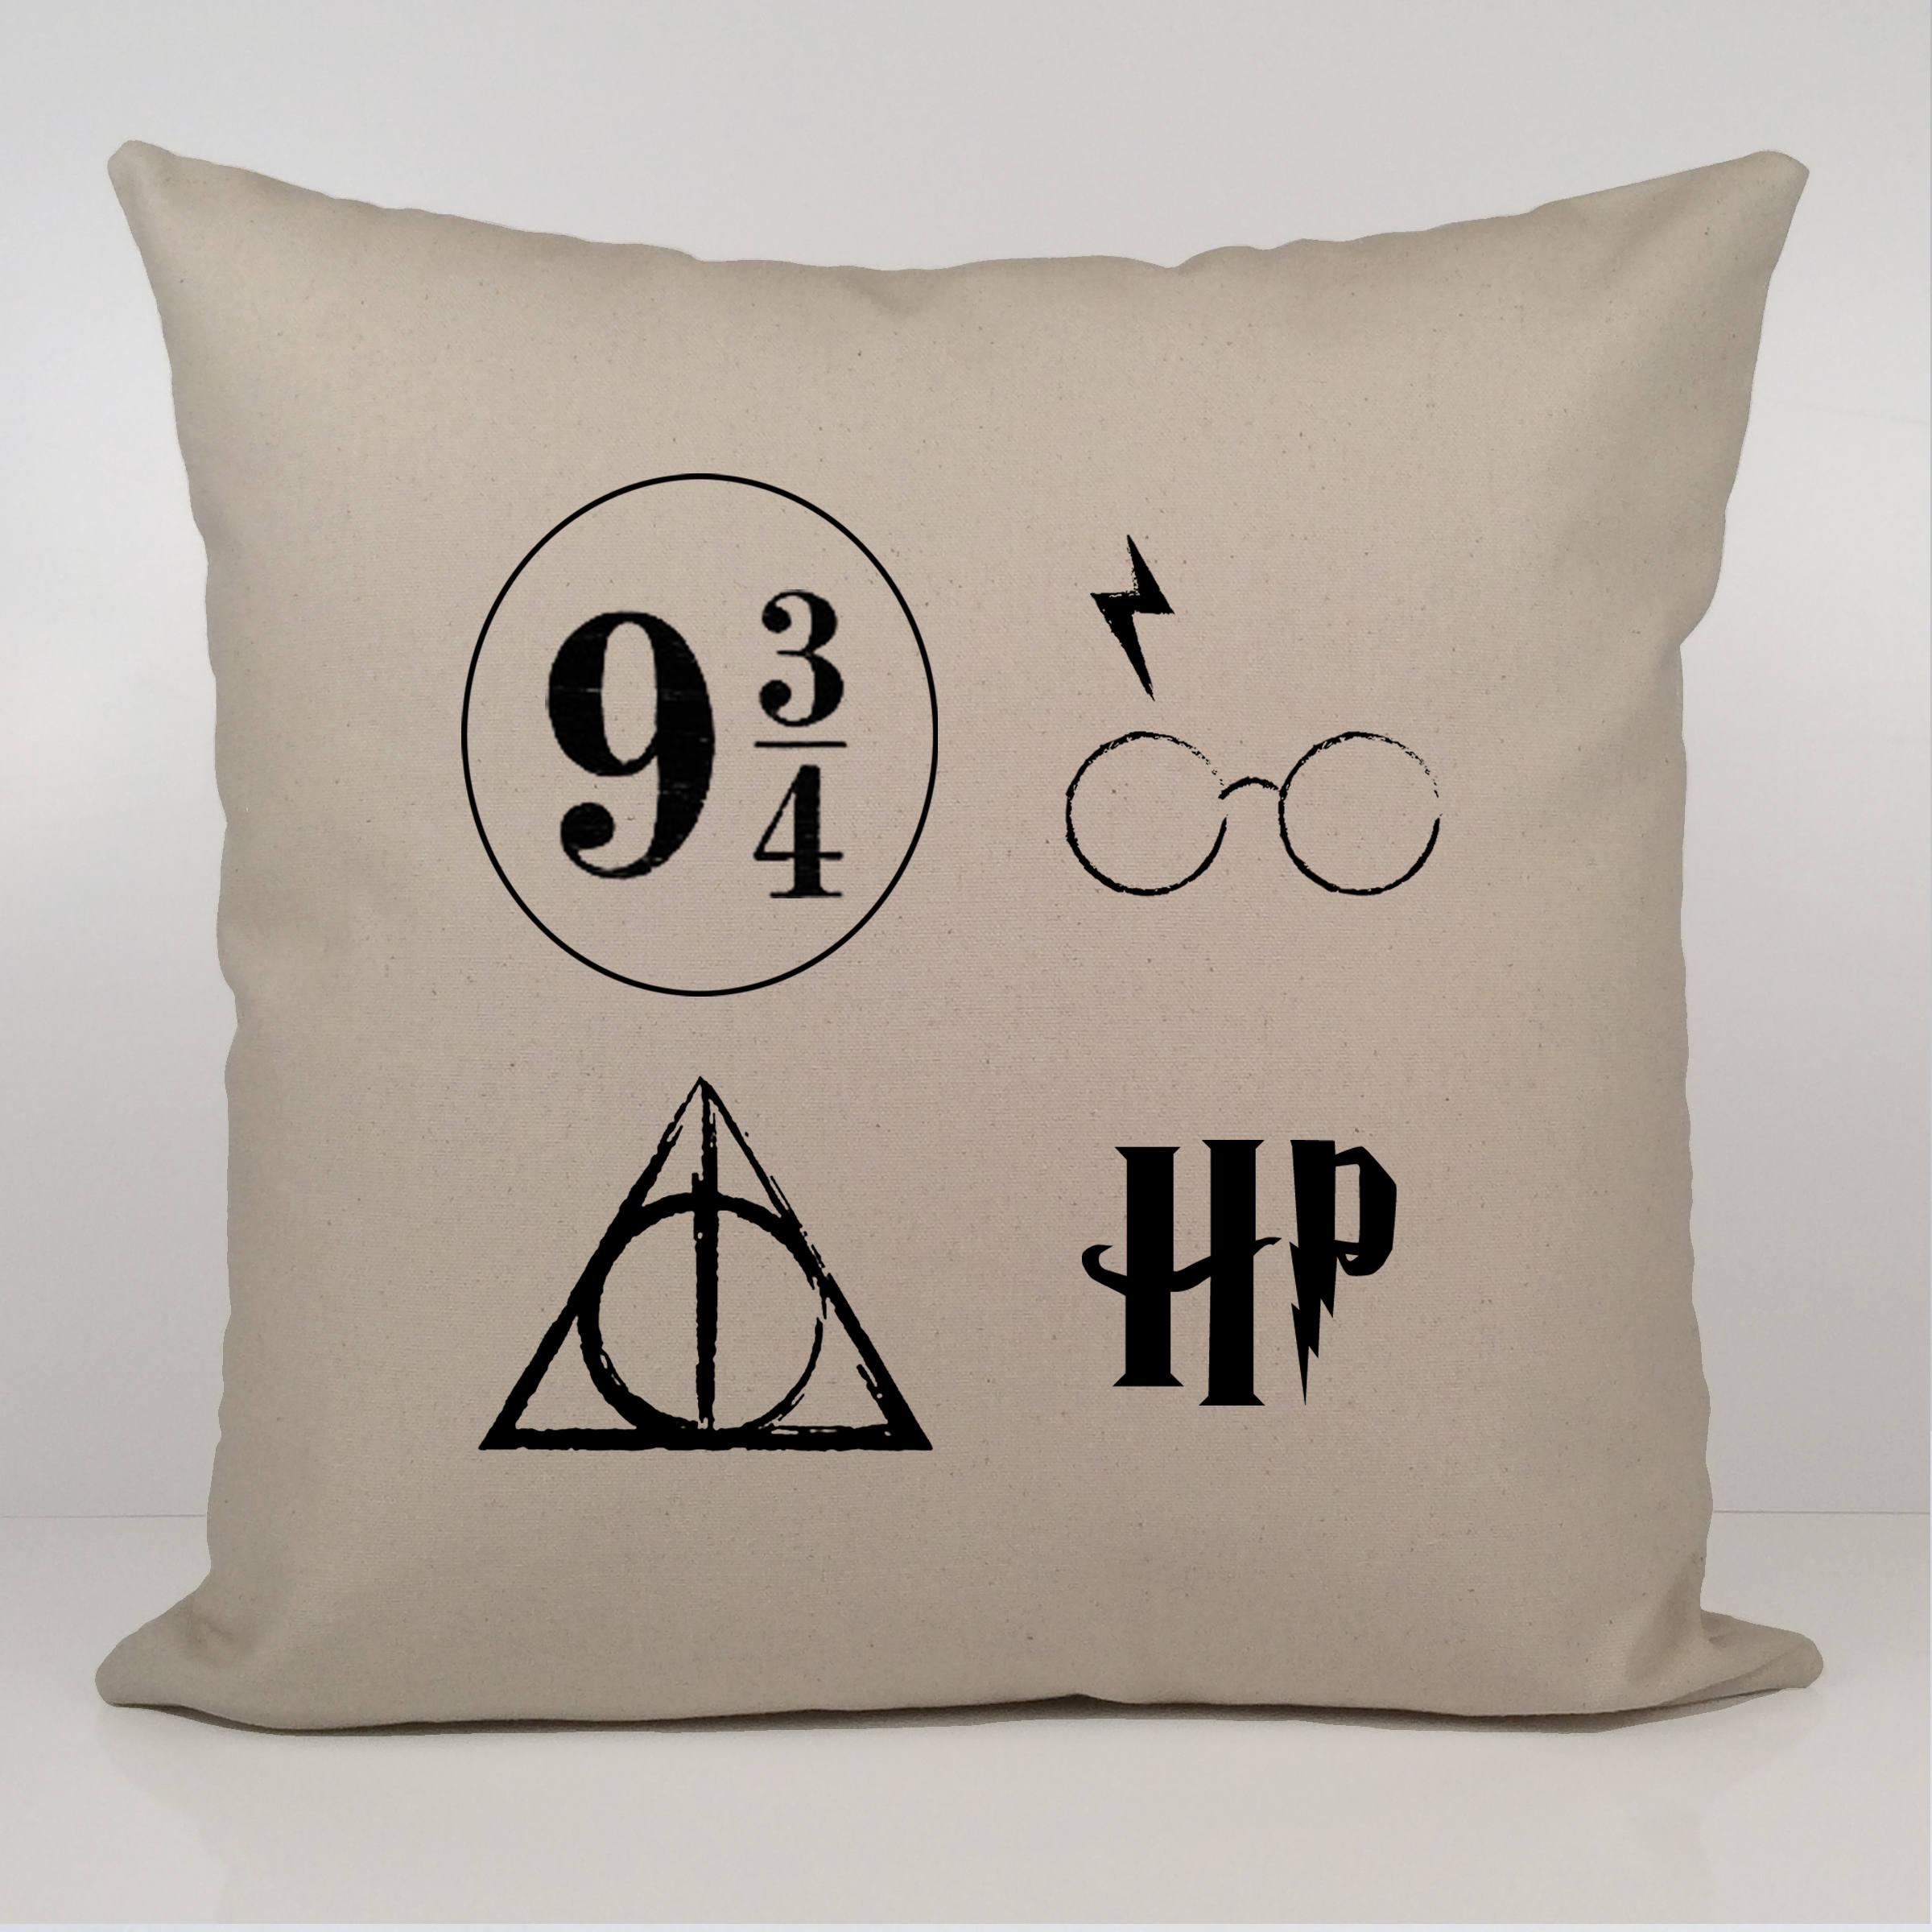 cadeau de harry potter housse de coussin de harry potter etsy. Black Bedroom Furniture Sets. Home Design Ideas